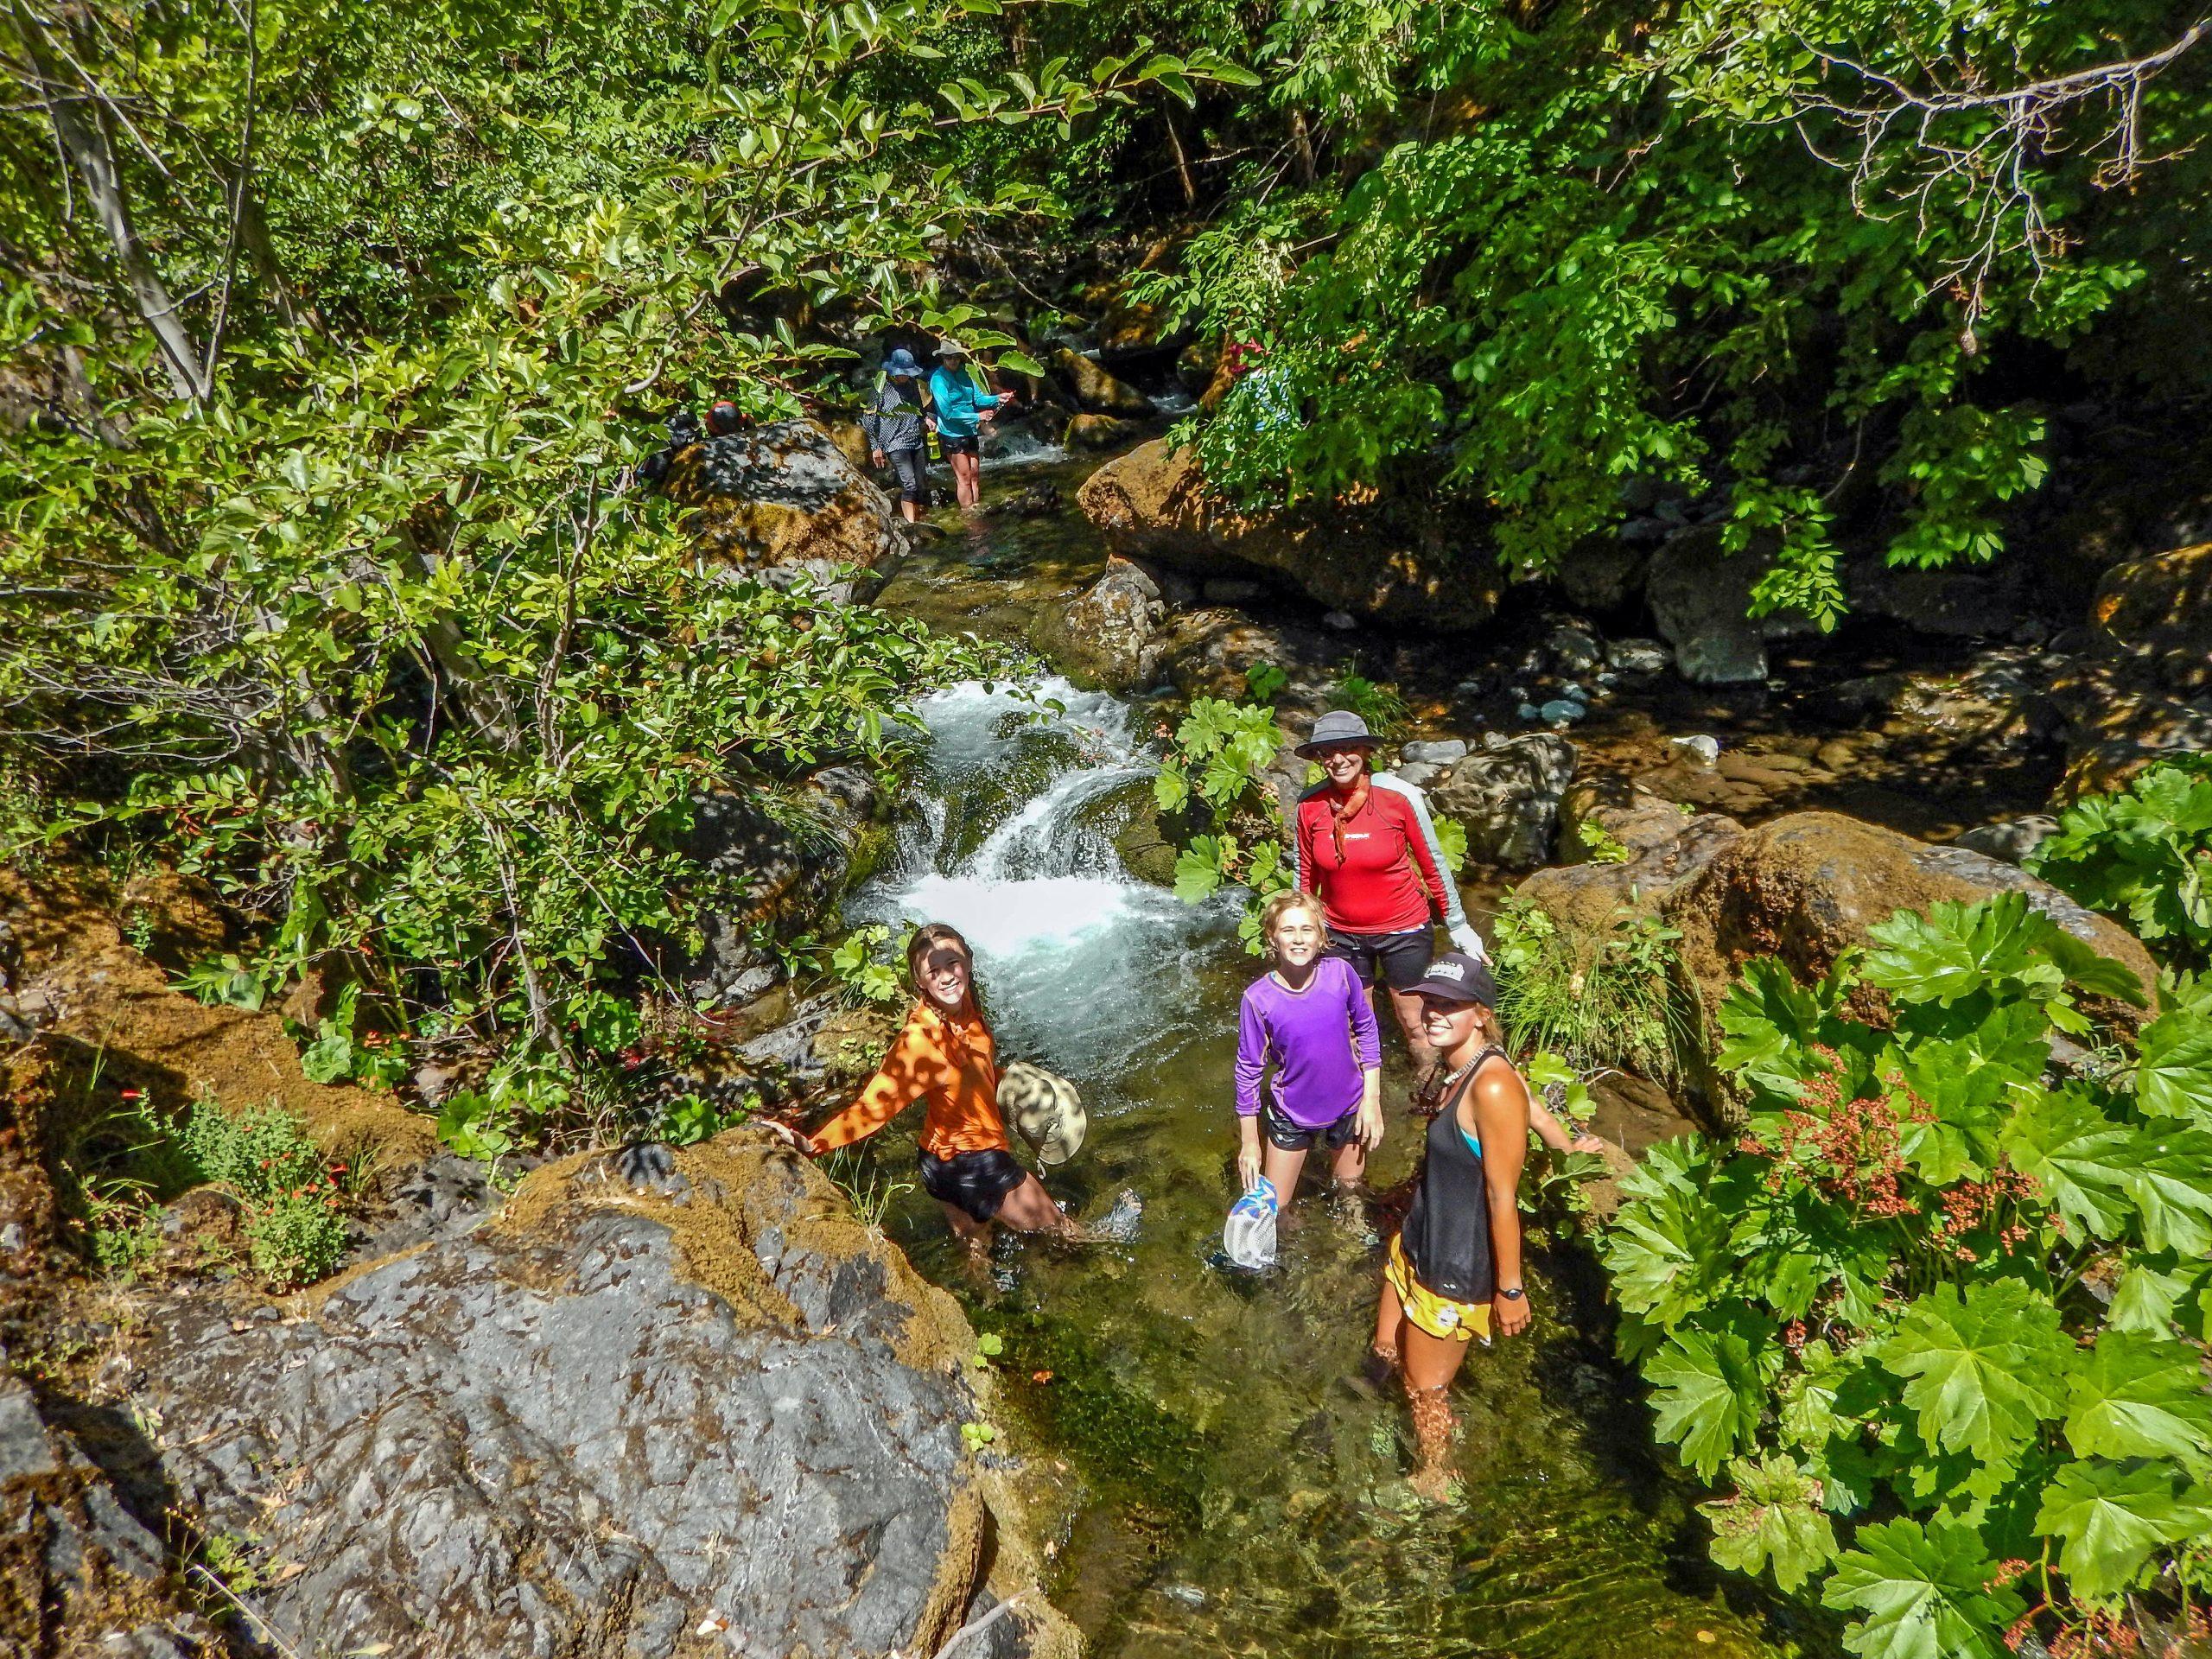 Rogue River Rafting